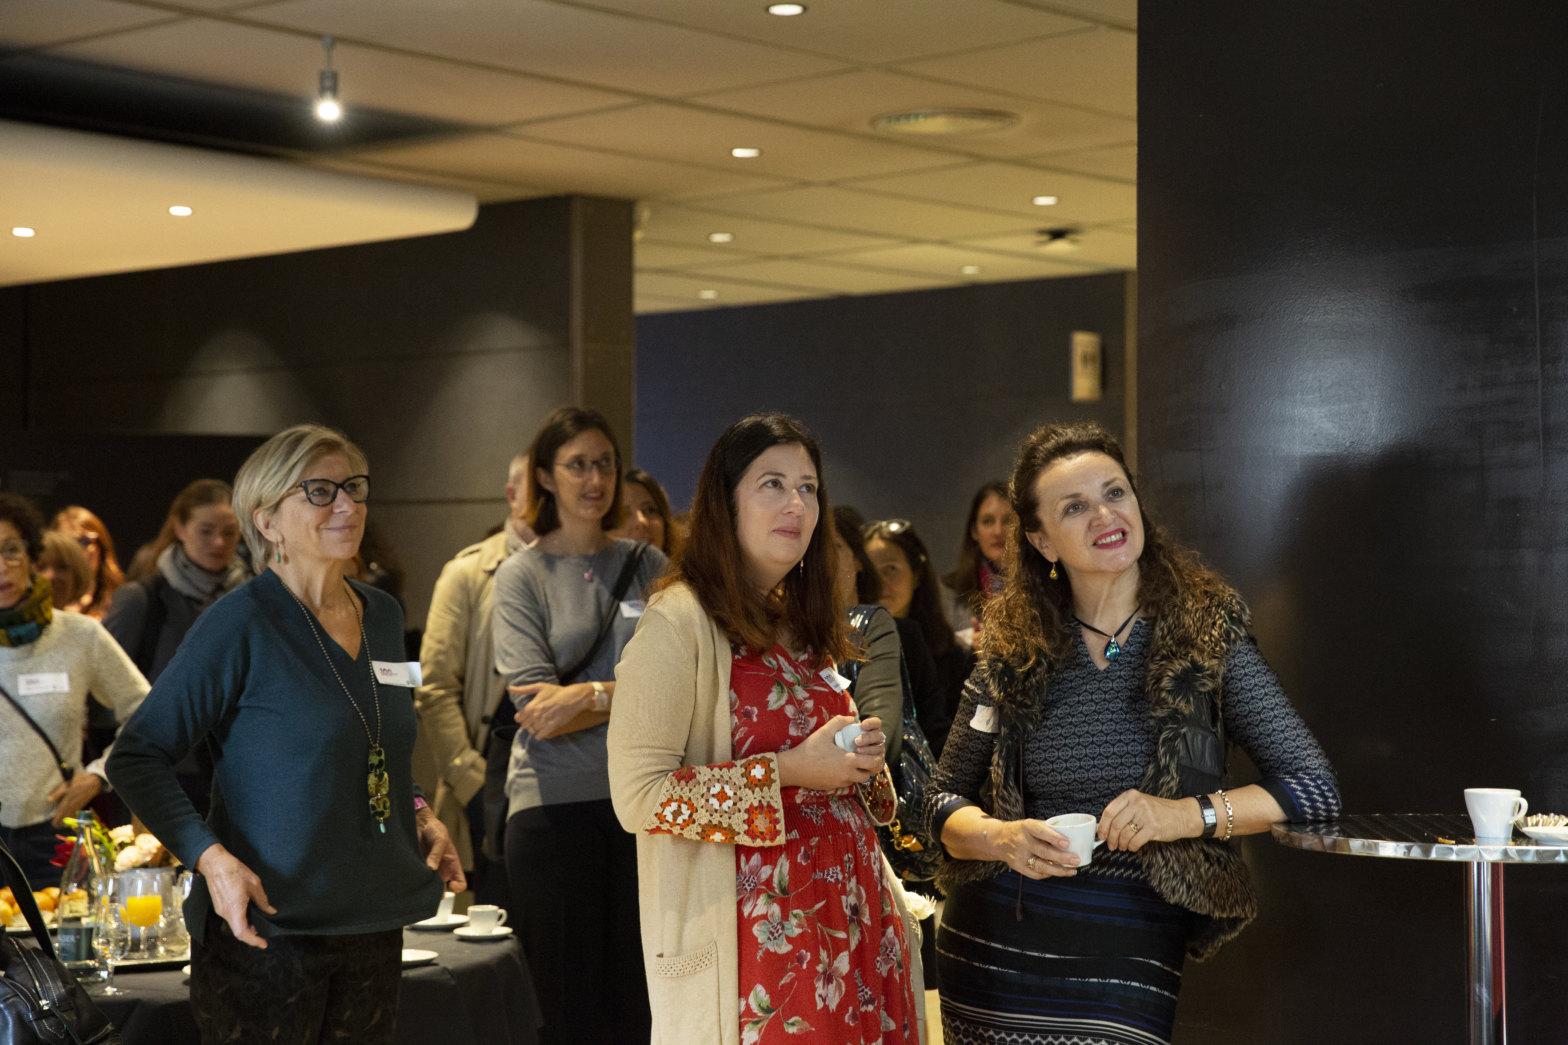 Accueil des 100 femmes du projet lors du vernissage du 8 novembre à la FER – Genève